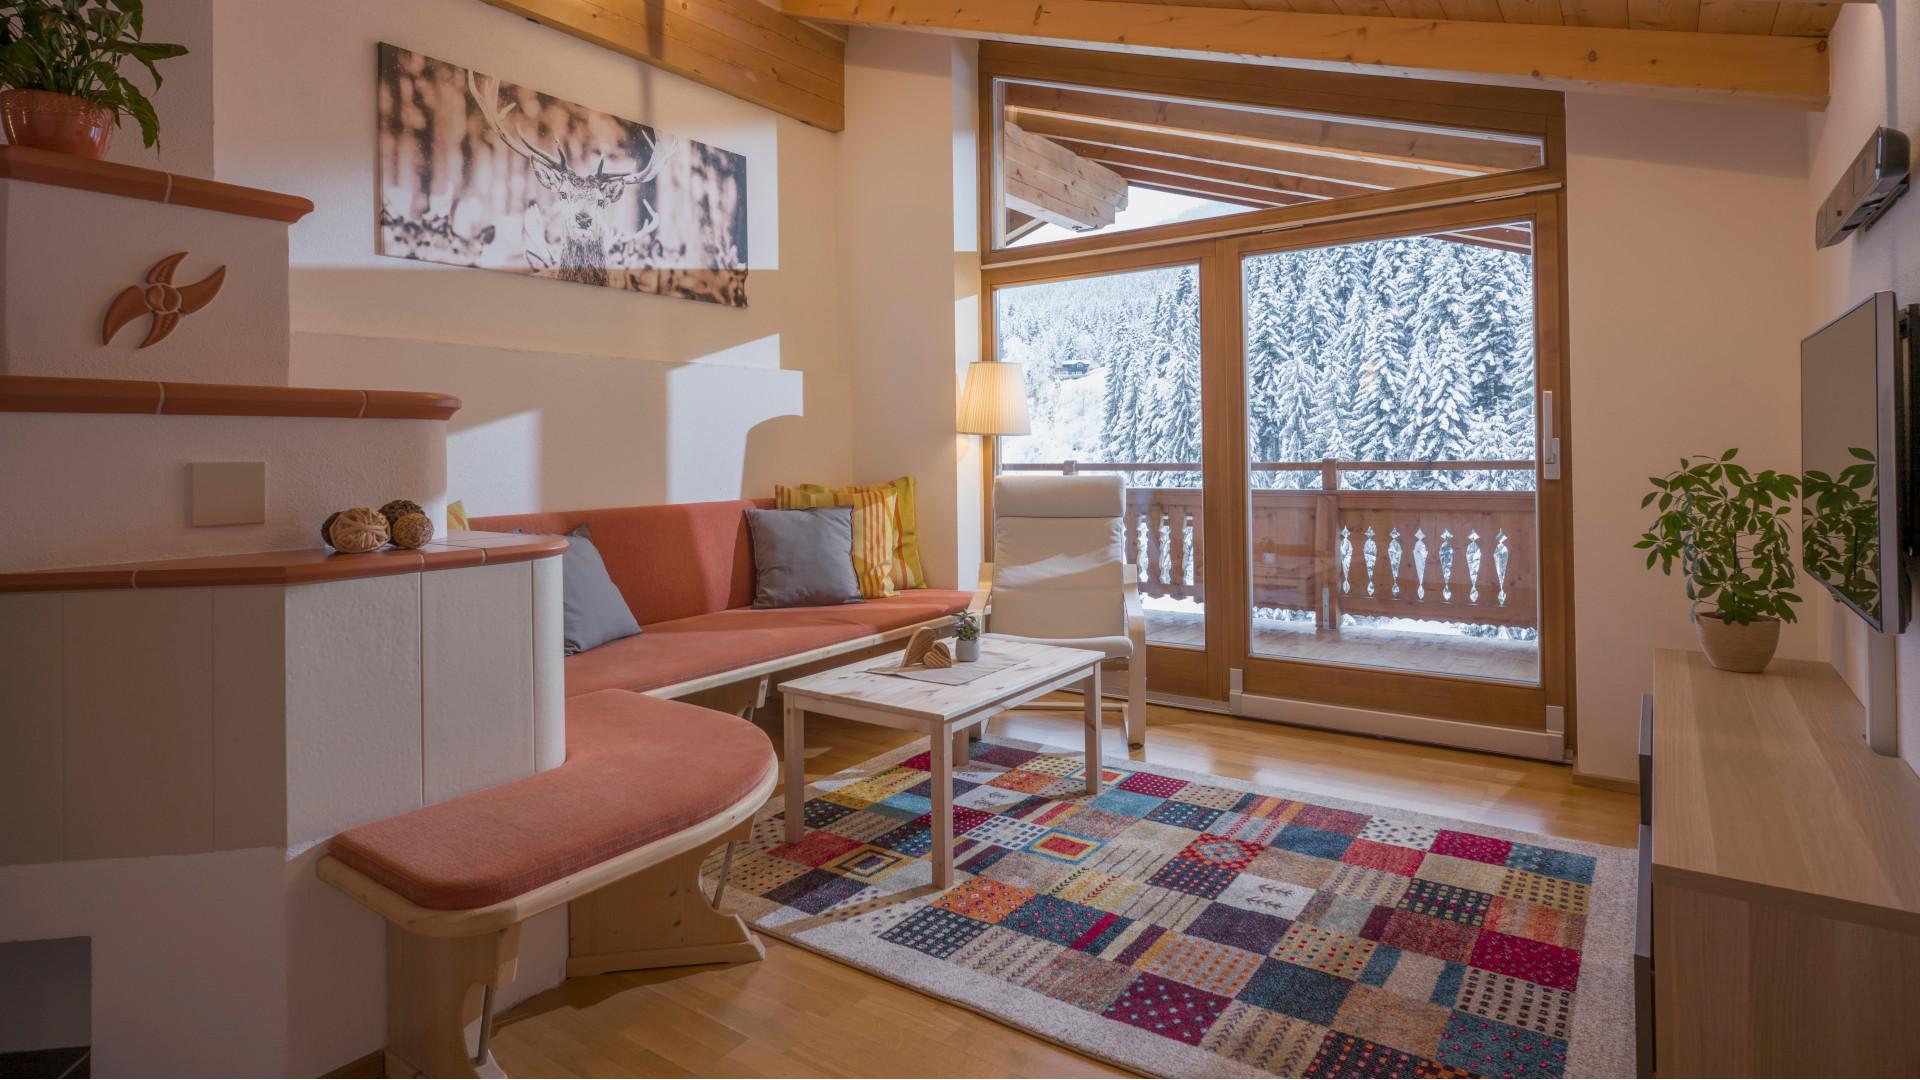 Panoramablick Wohnzimmer 1920x1080